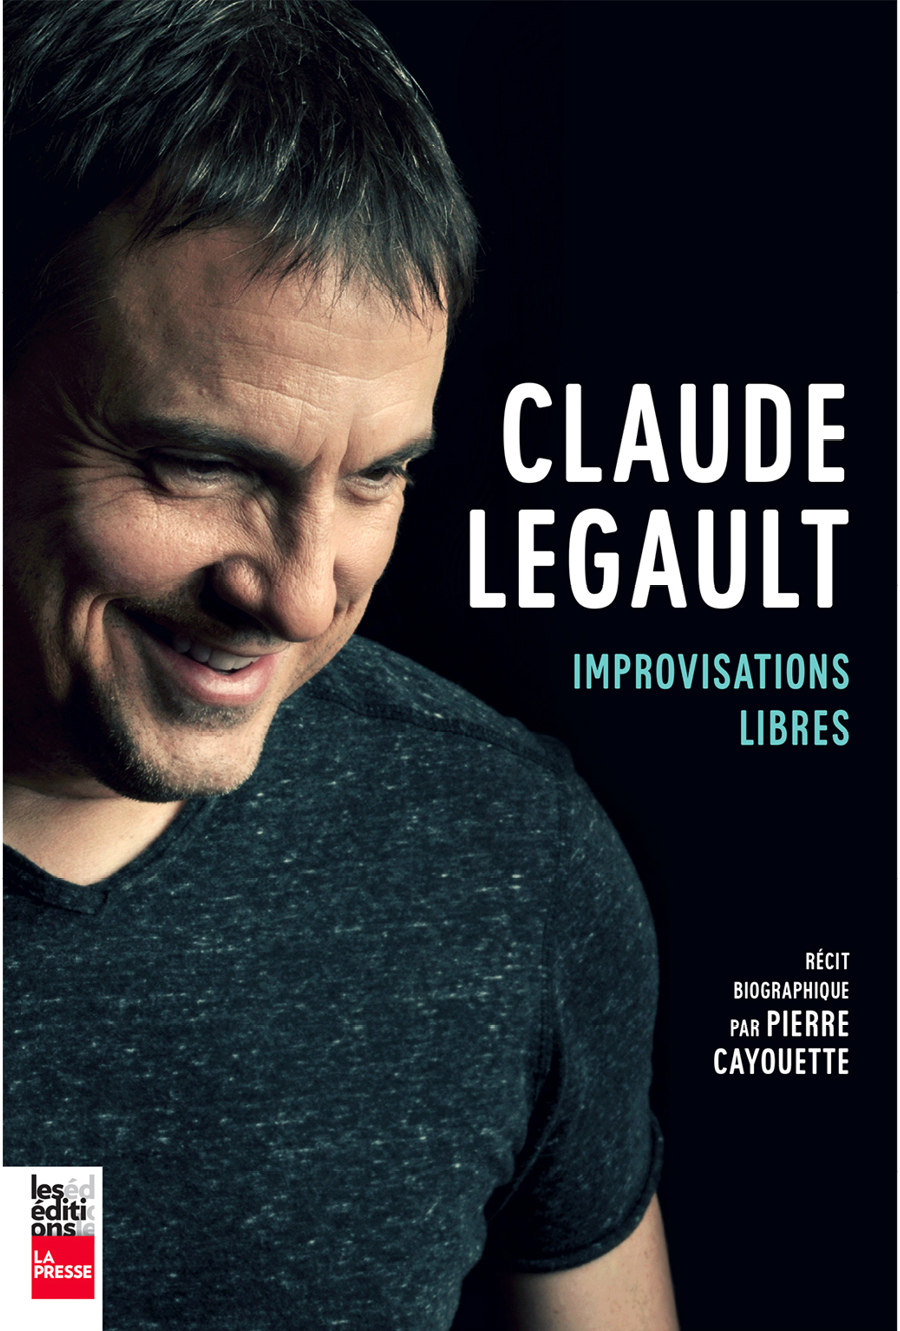 Claude Legault: Improvisations libres